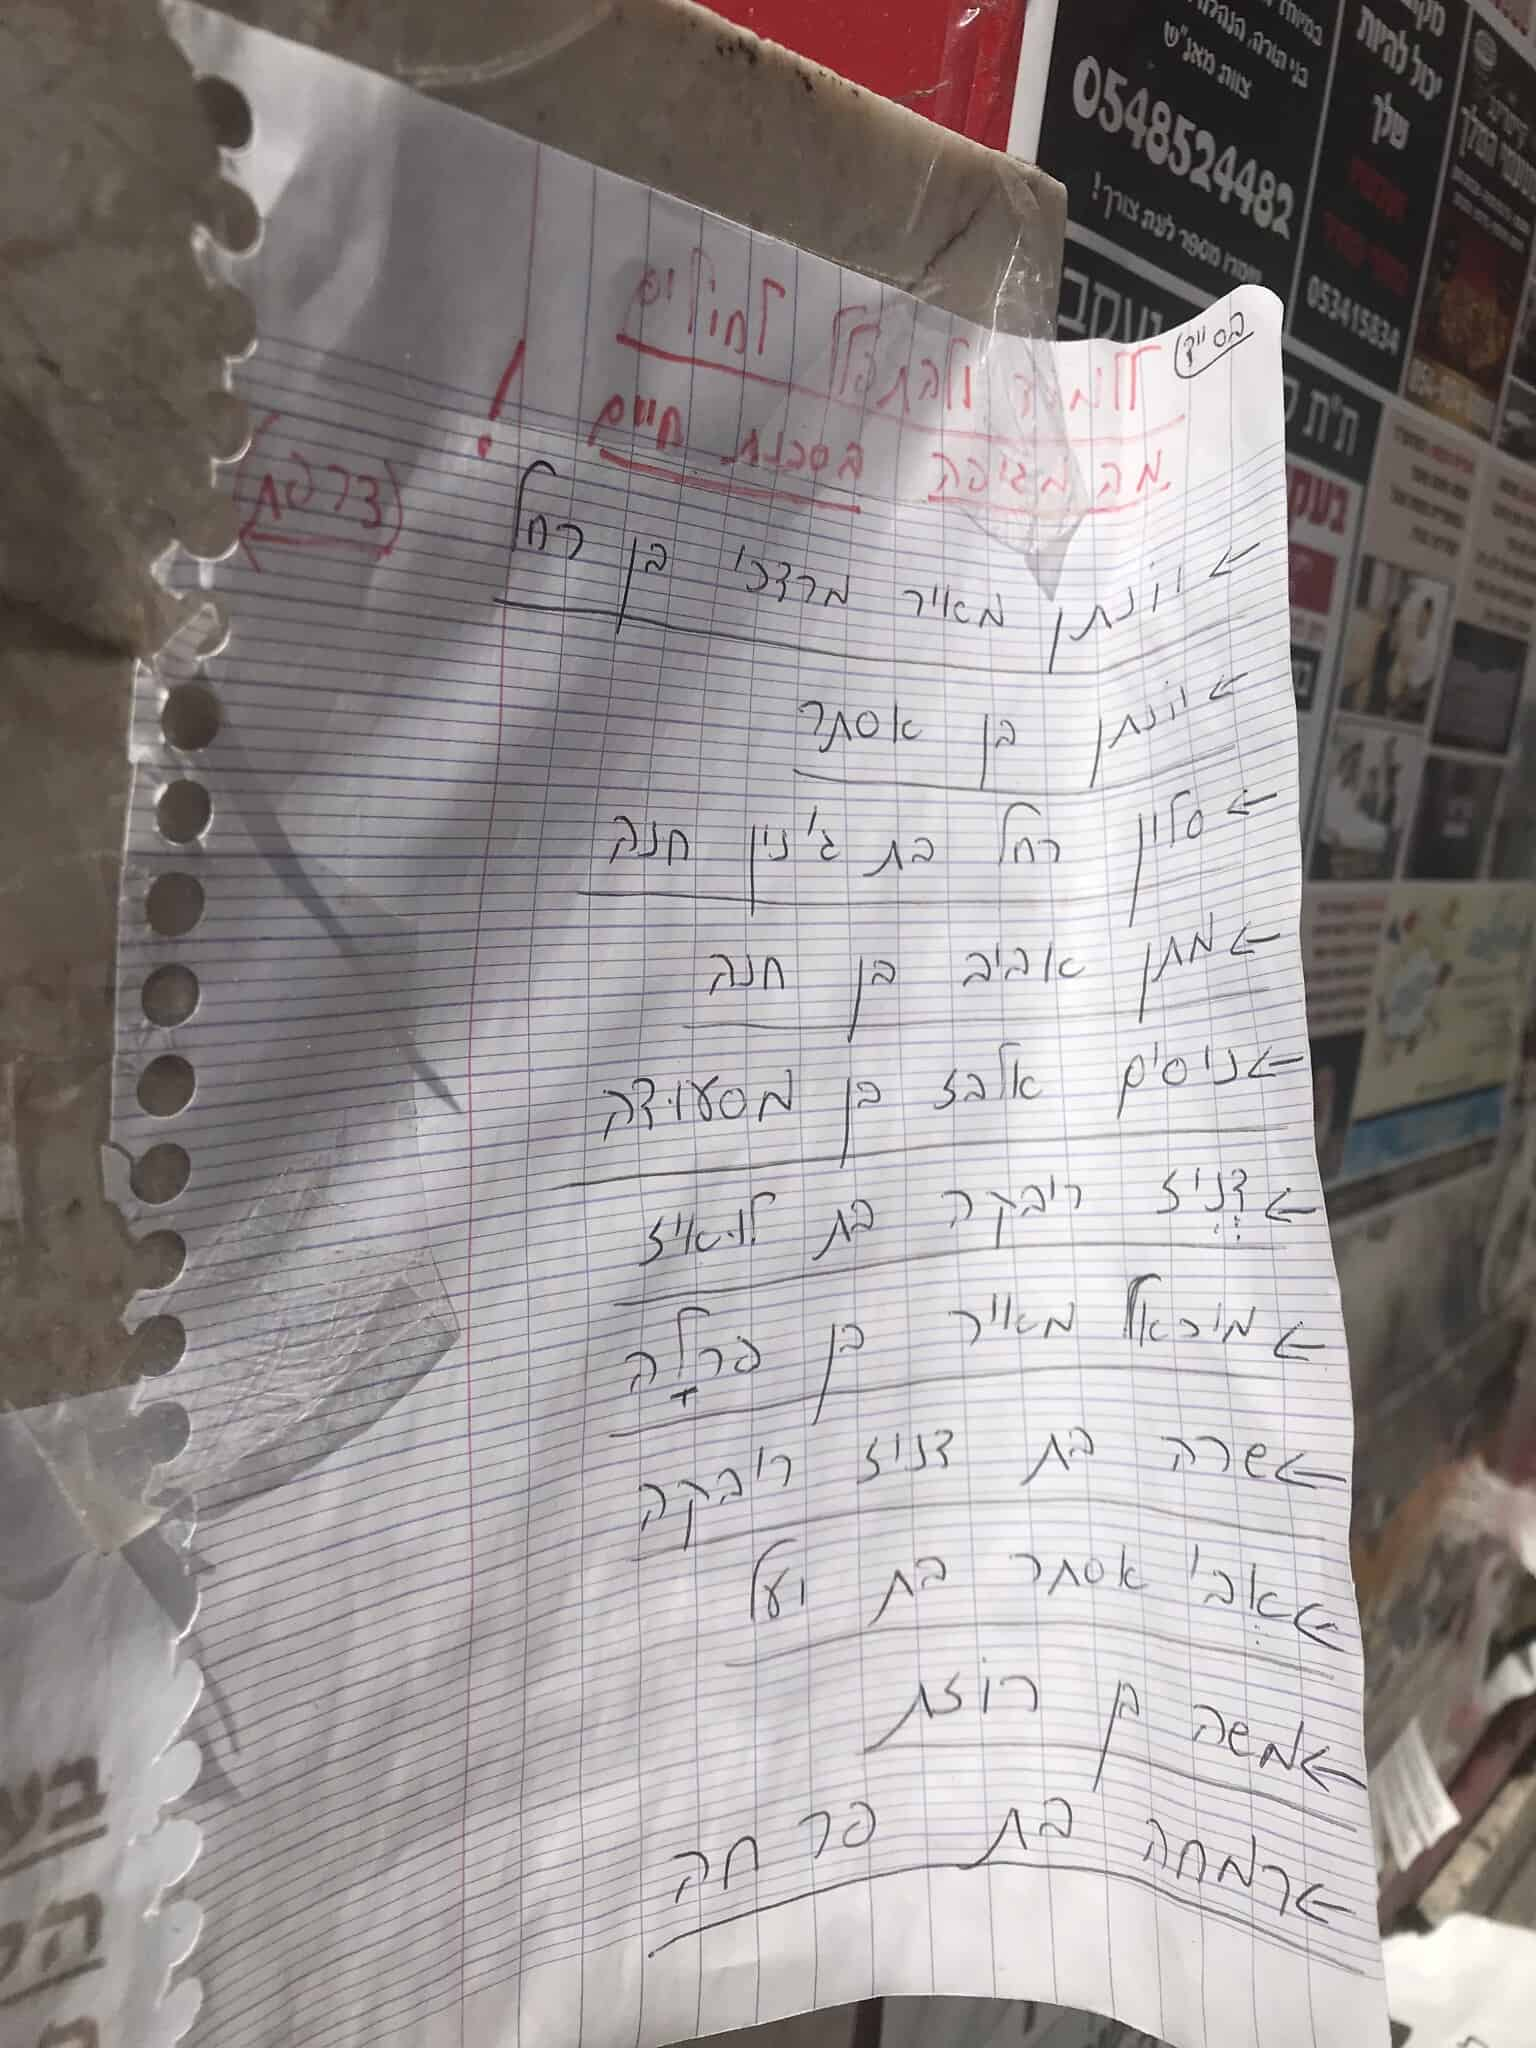 """דף שעליו שורבטה בעיפרון אדום תחינה """"ללמוד ולהתפלל לחולים מהמגיפה בסכנת חיים"""" ותחתיה שמות רבים של חולים בני העיר בני ברק (צילום: אמיר בן-דוד)"""